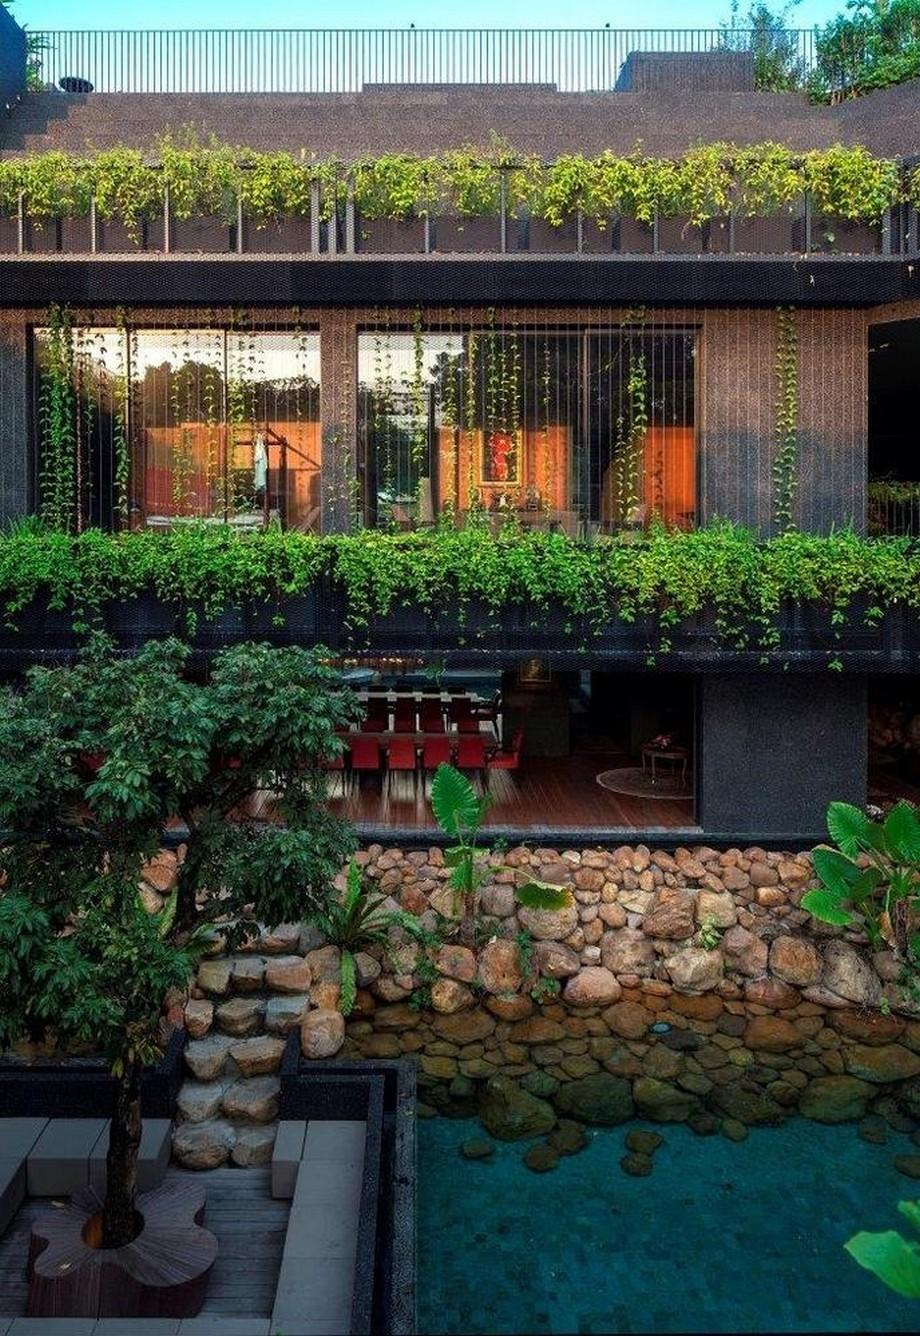 Mẫu thiết kế biệt thự sân vườn đẹp rộng 1500m2